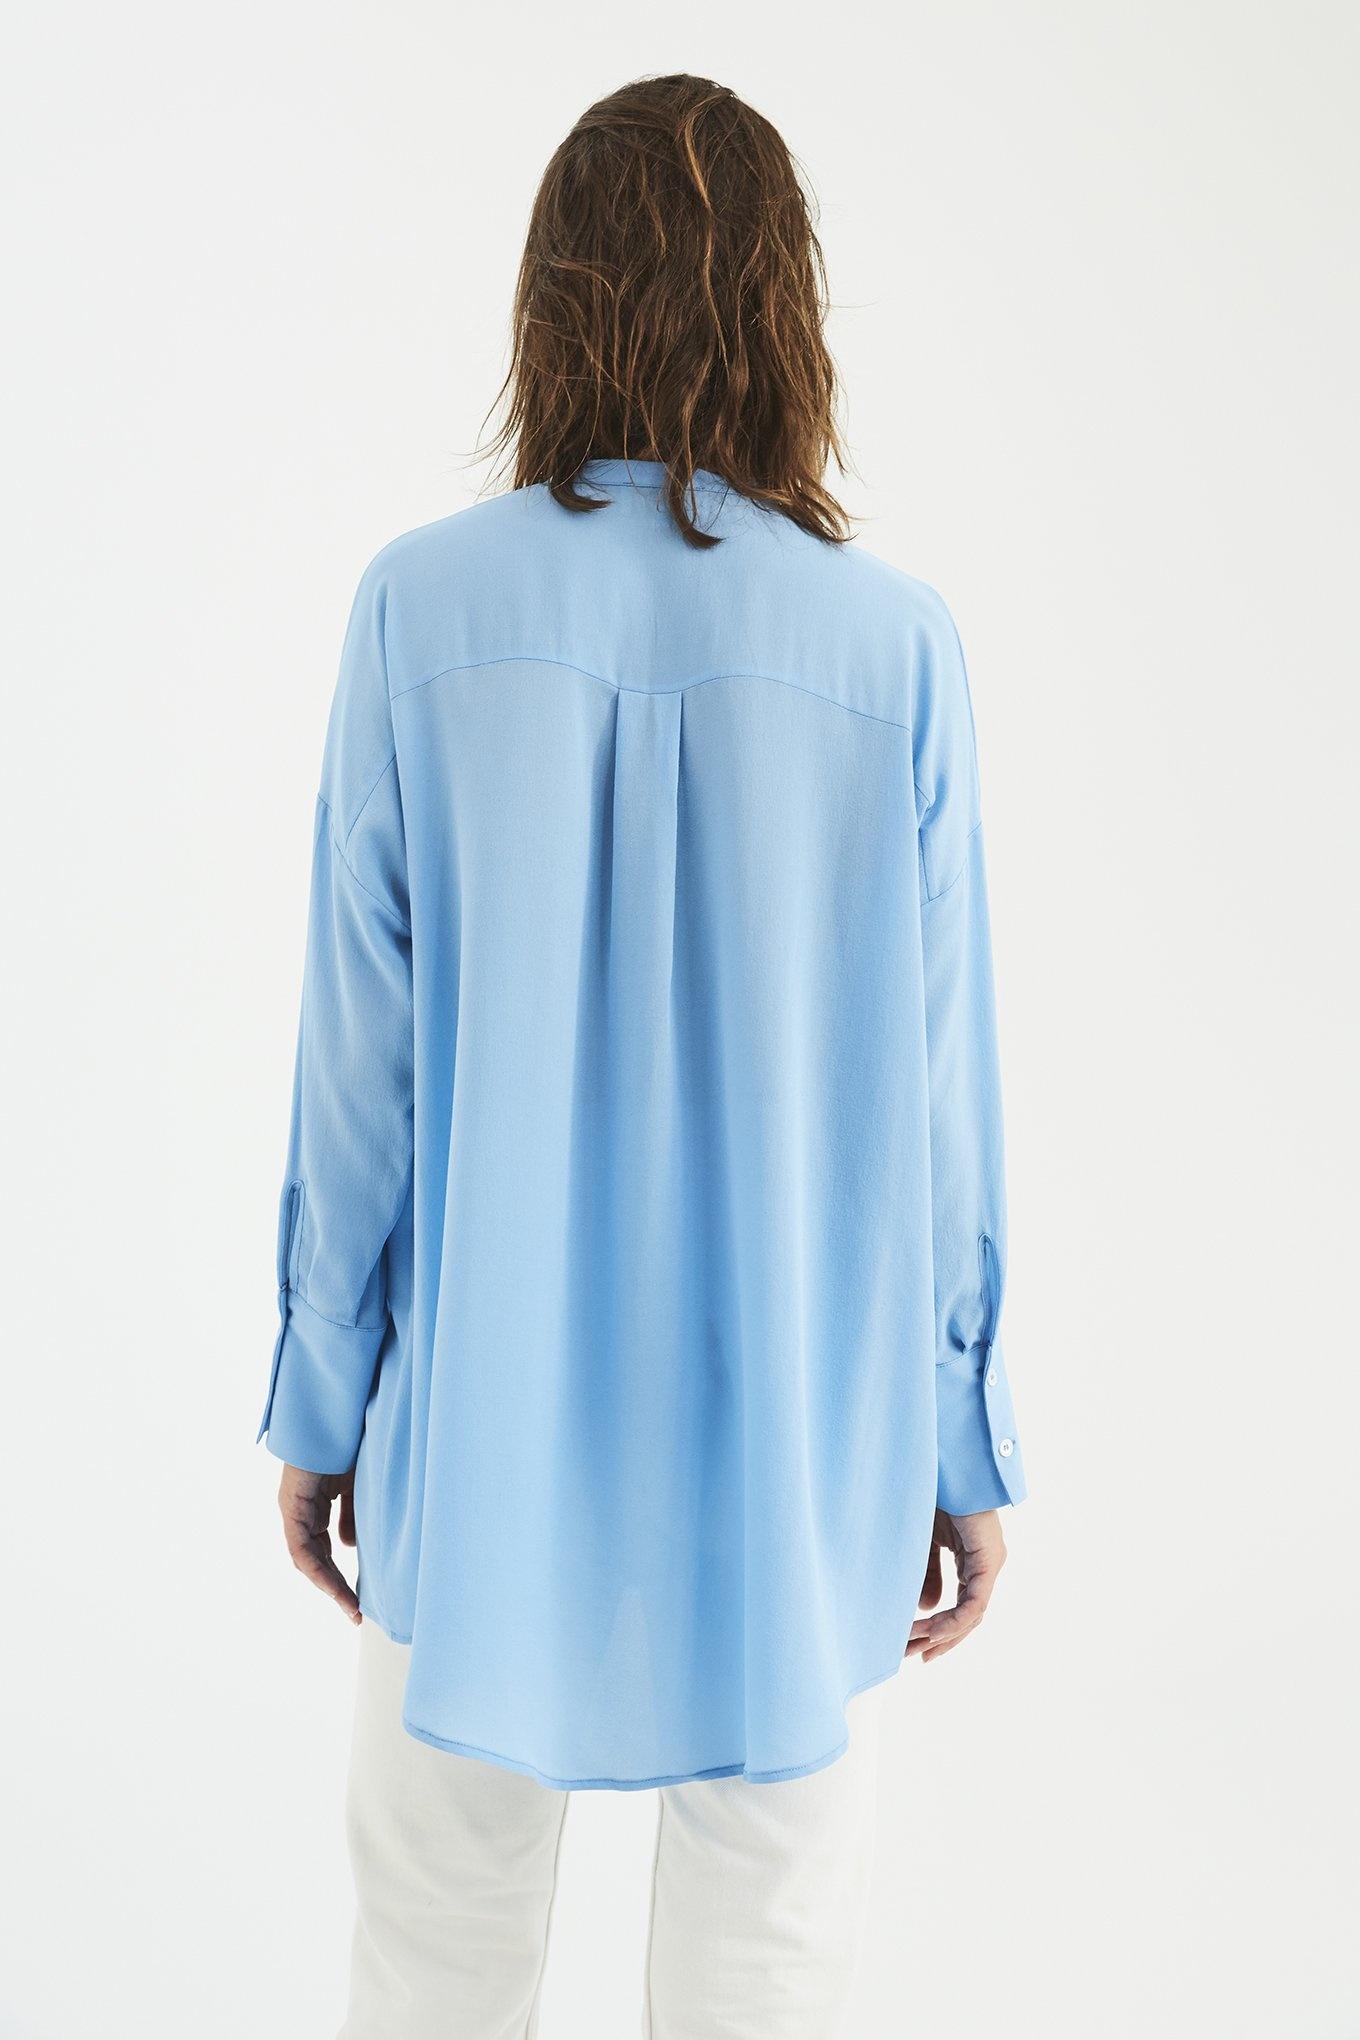 Mandarin shirt Light Blue